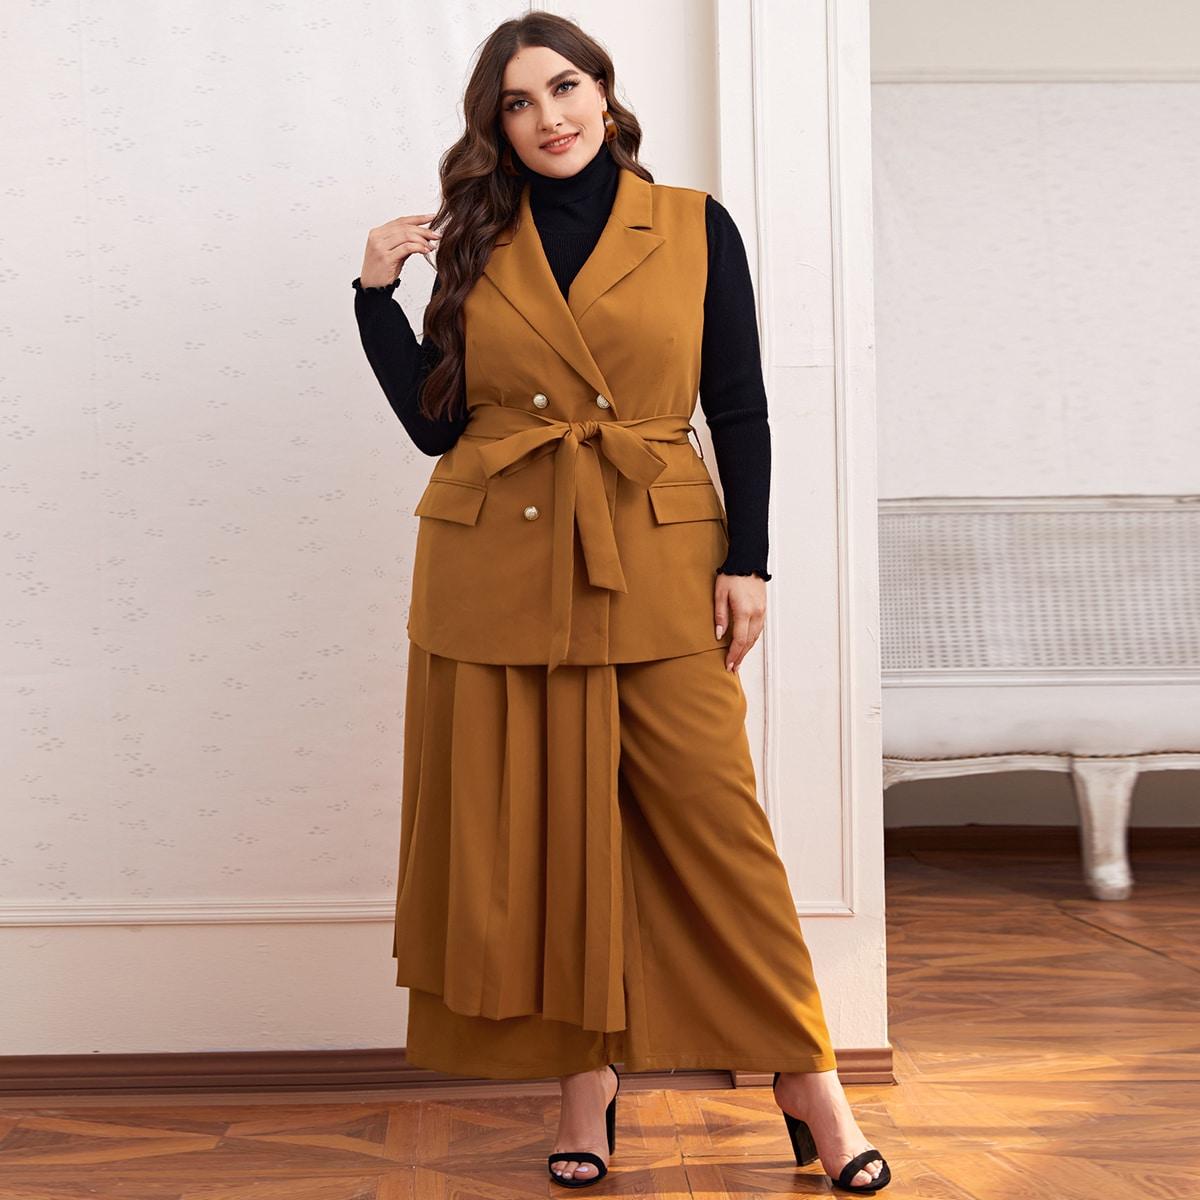 Юбка, брюки и двубортный пиджак с поясом размера плюс